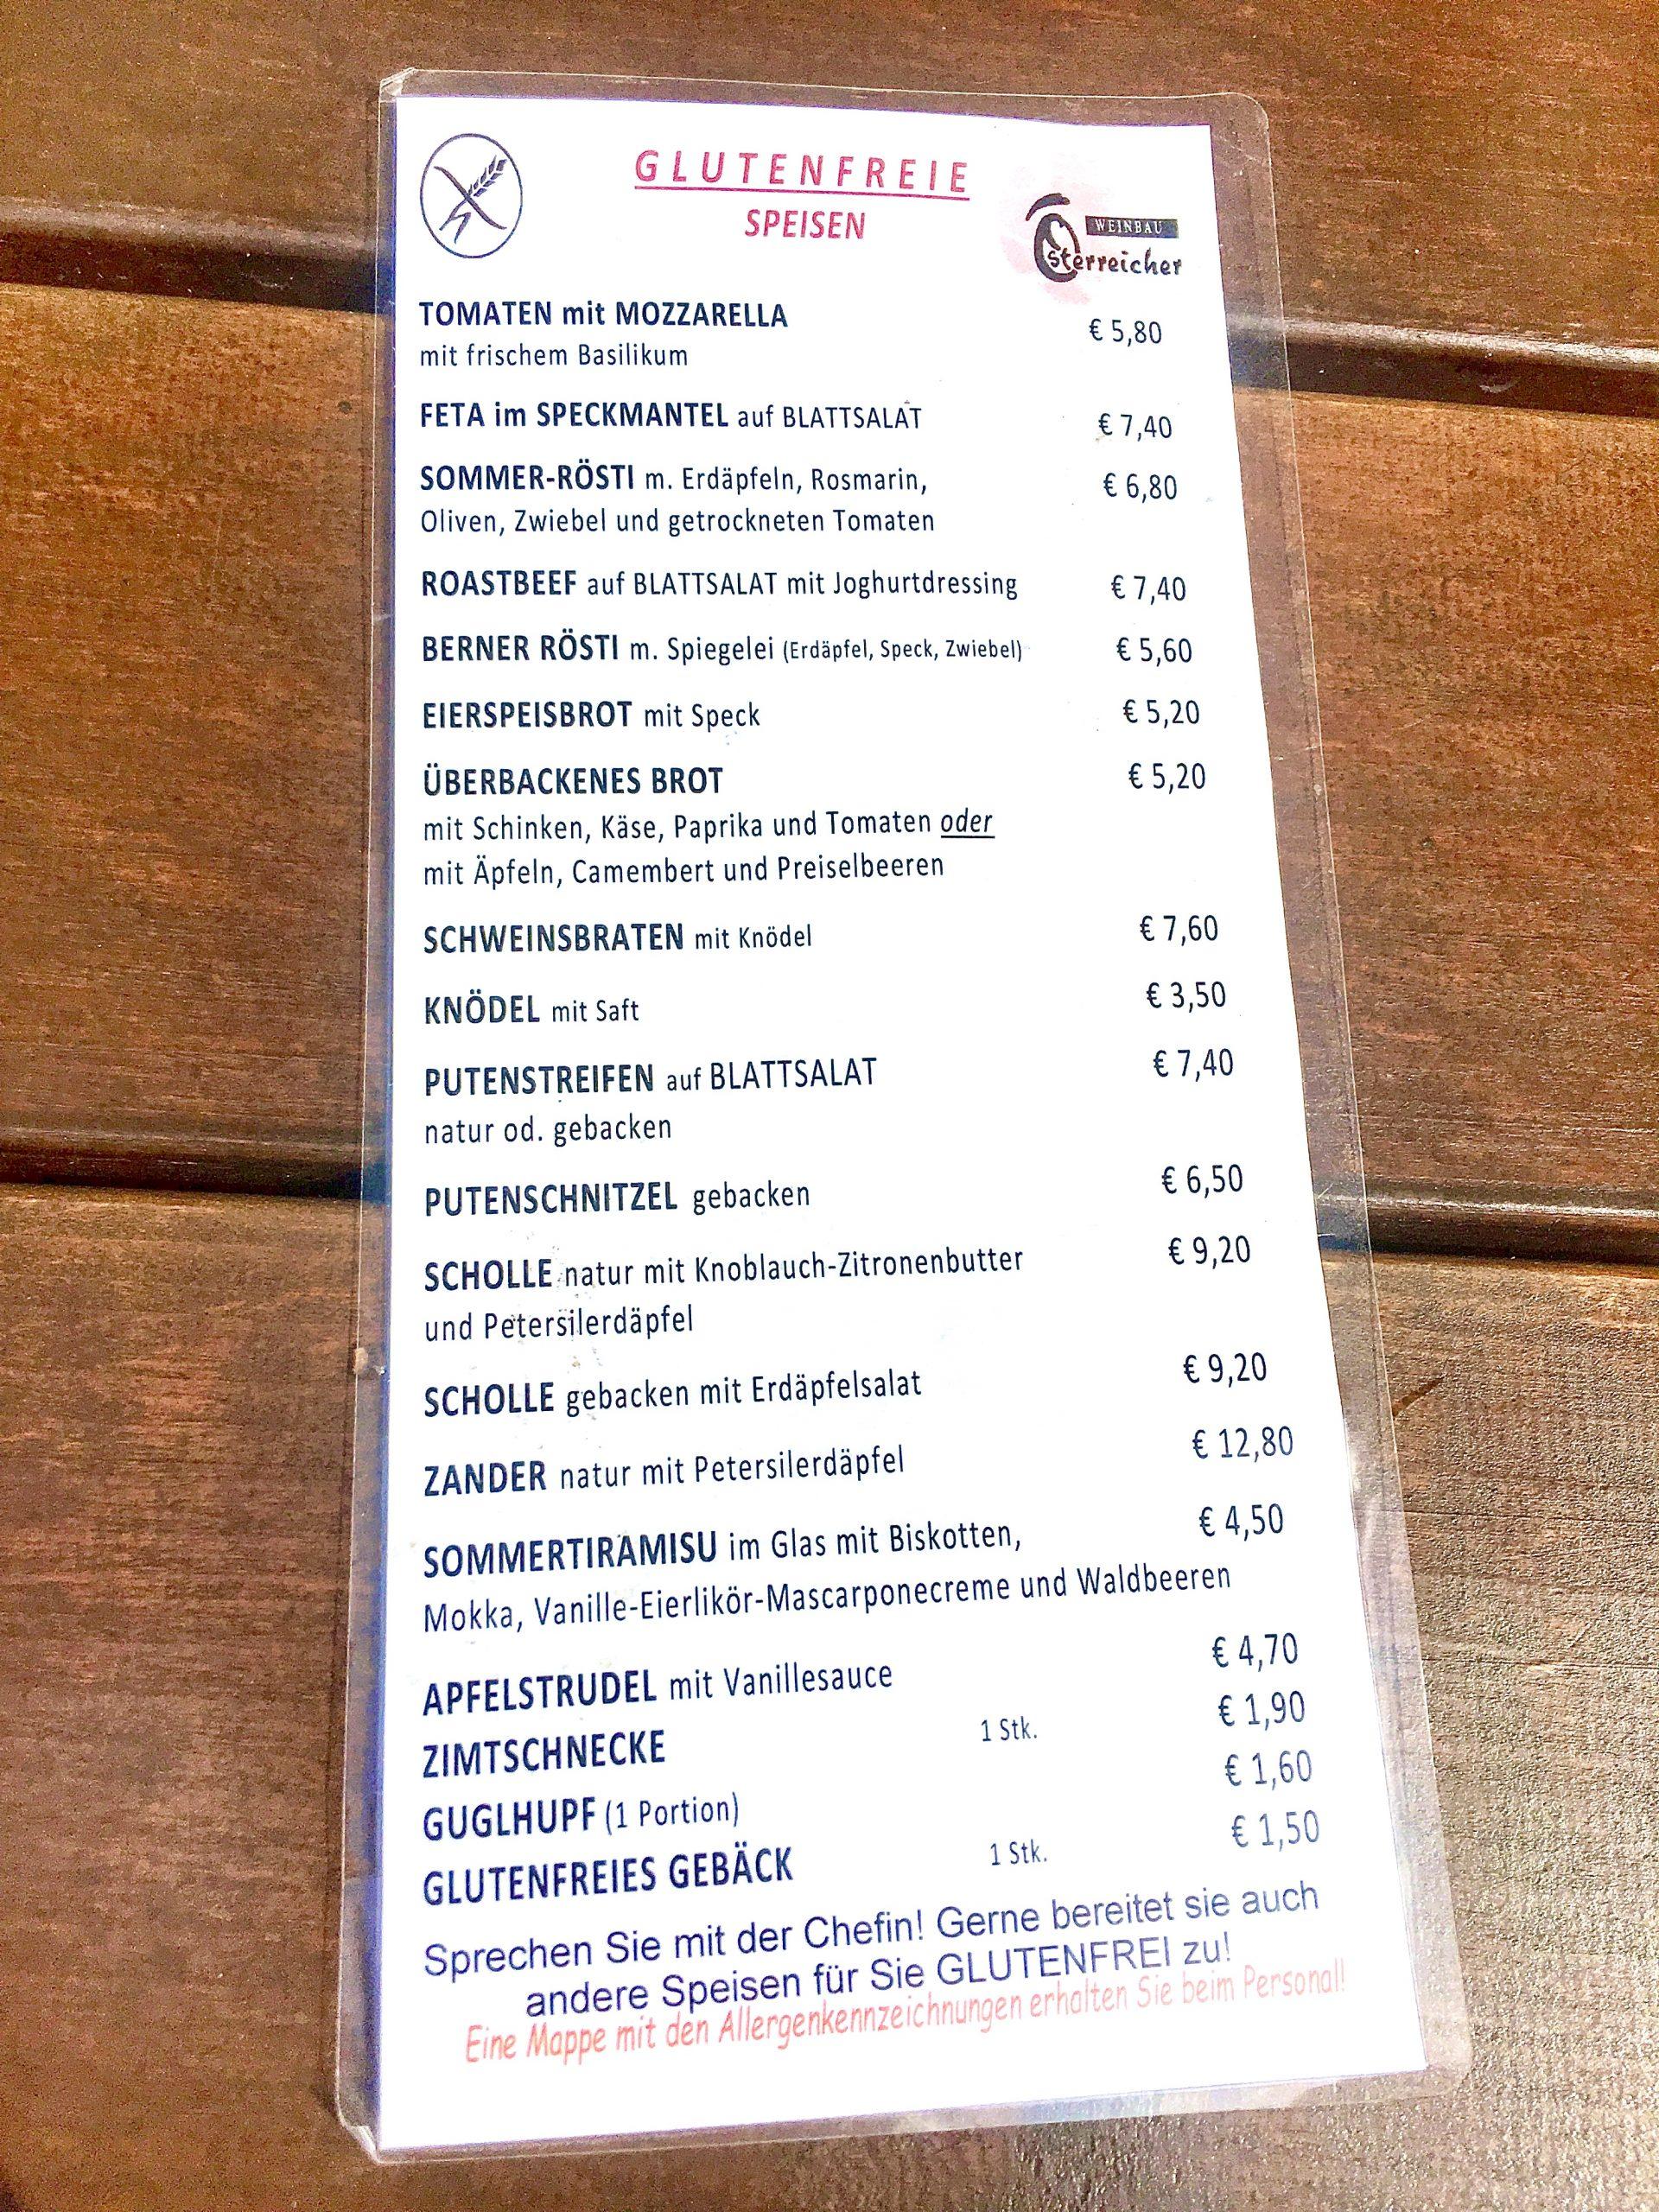 Die glutenfreie Speisekarte beim Heuriger Österreicher